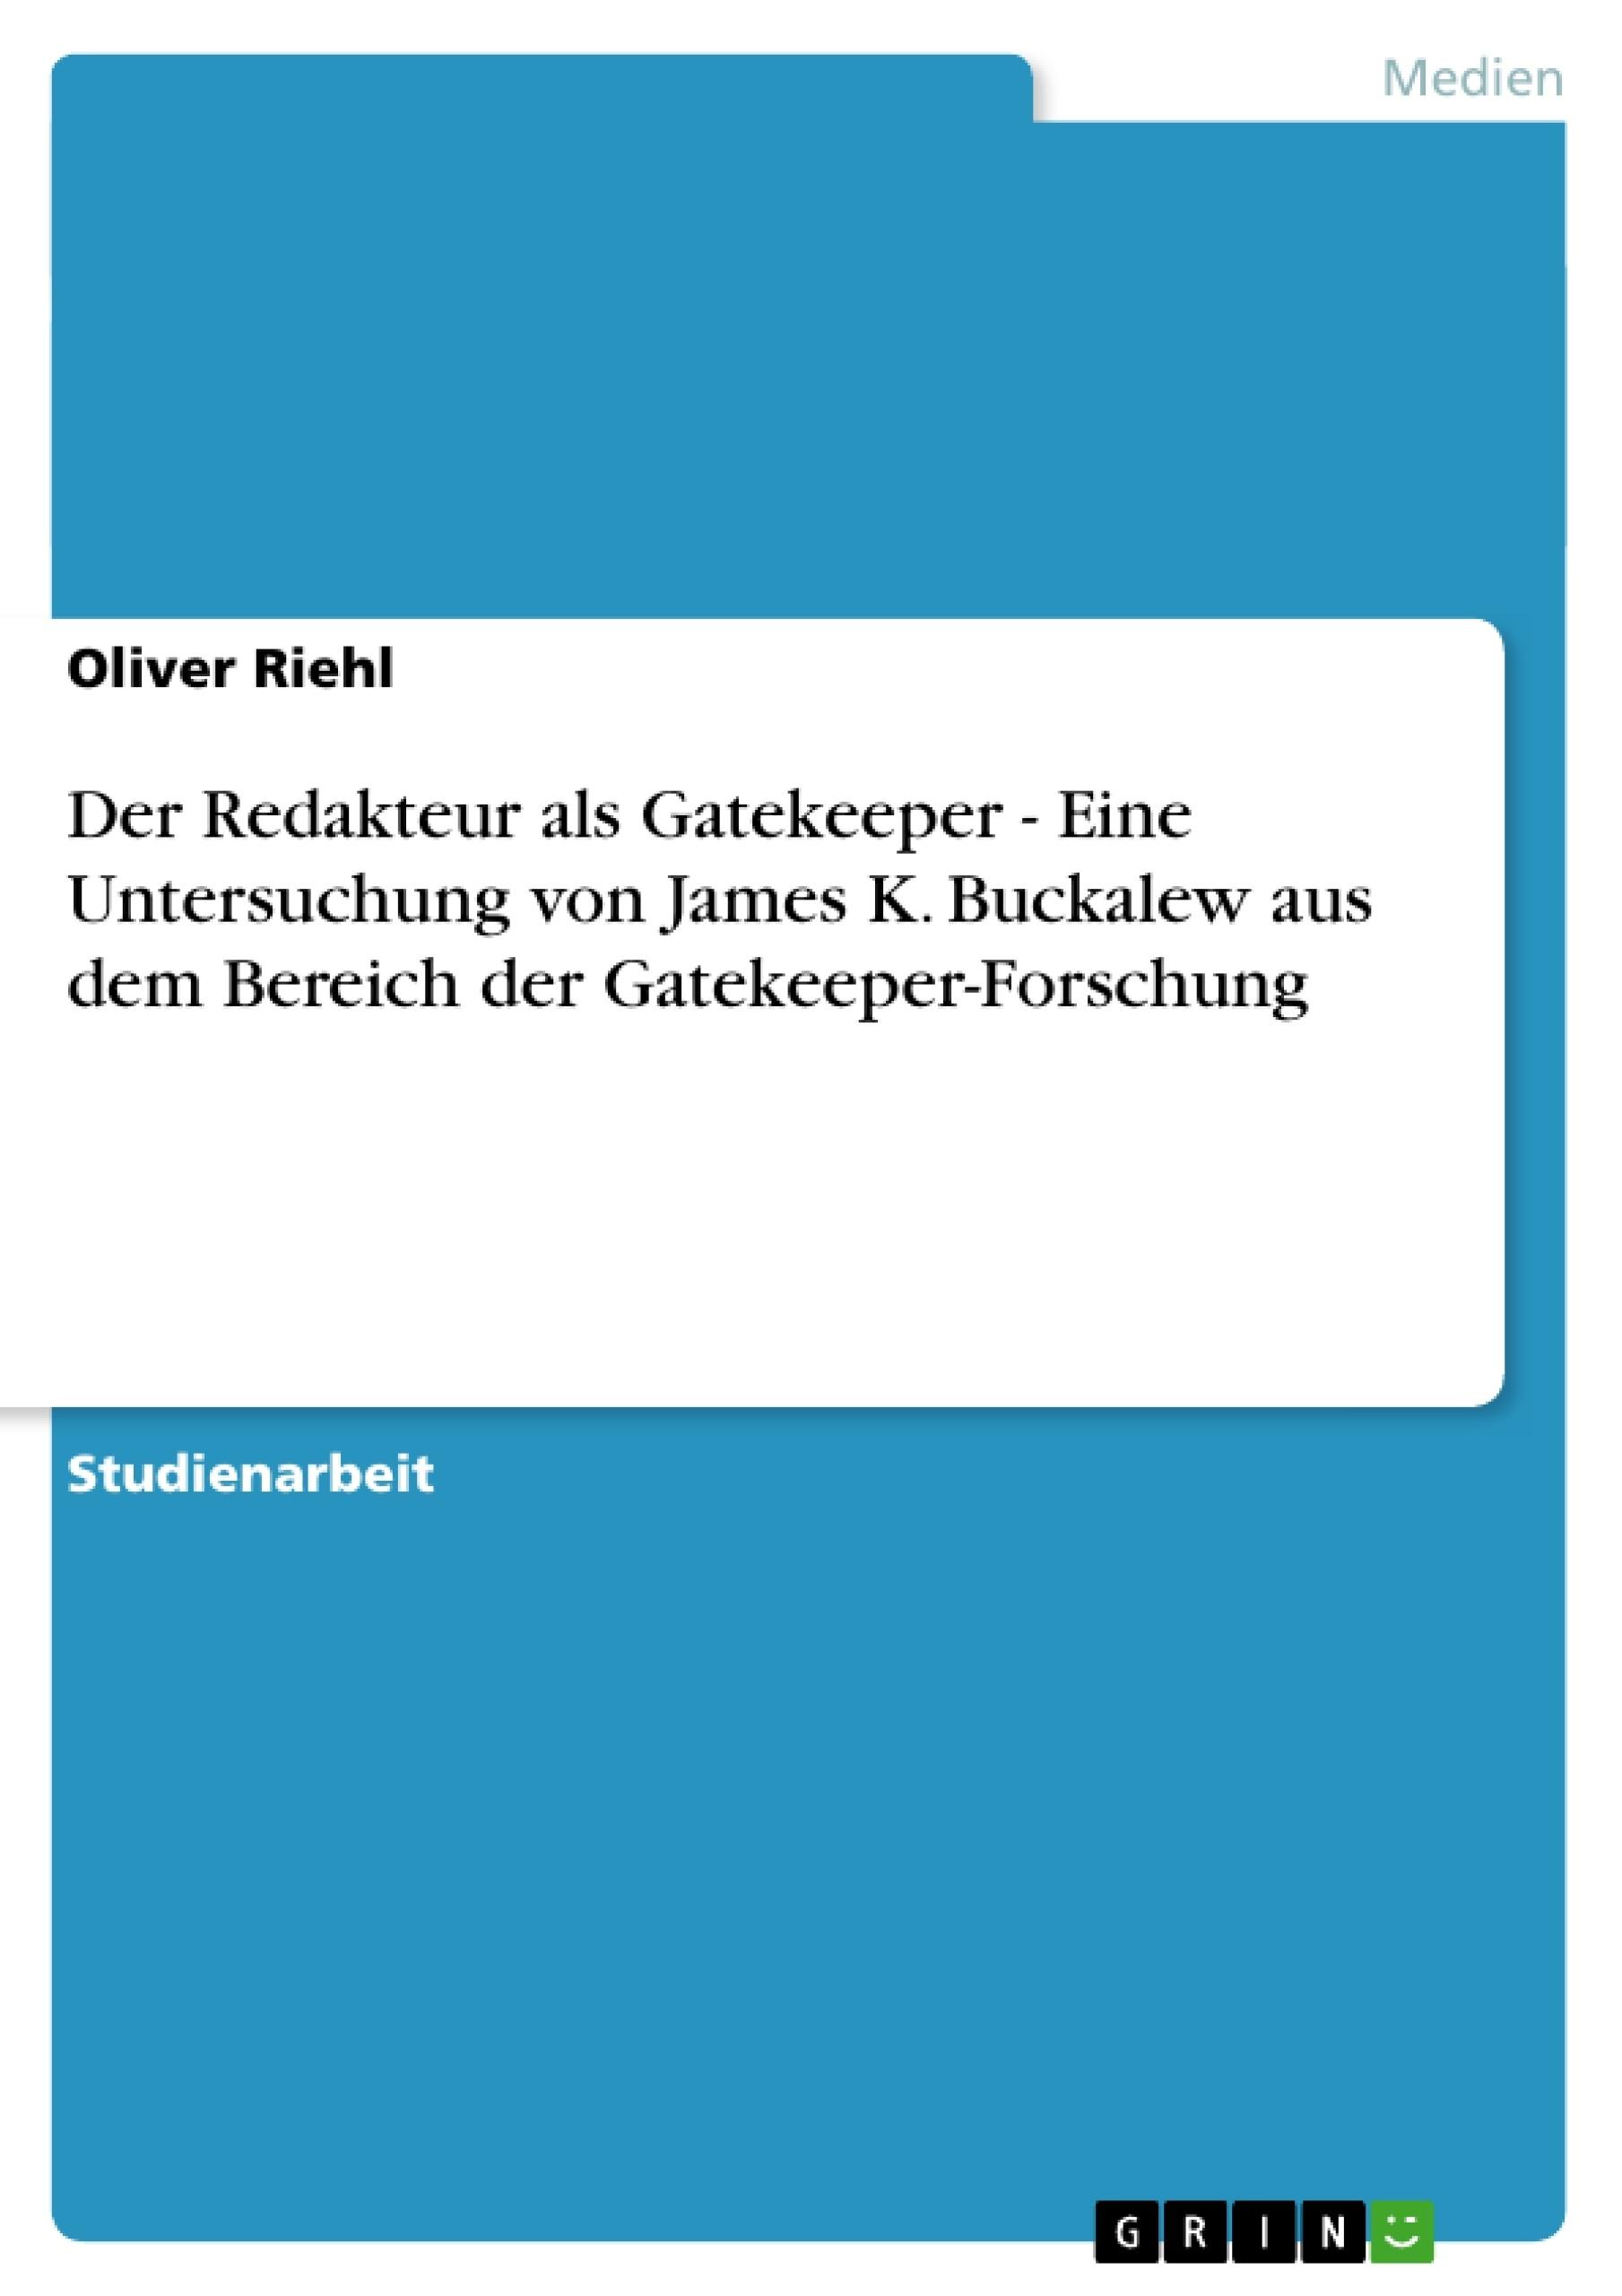 Titel: Der Redakteur als Gatekeeper - Eine Untersuchung von James K. Buckalew aus dem Bereich der Gatekeeper-Forschung